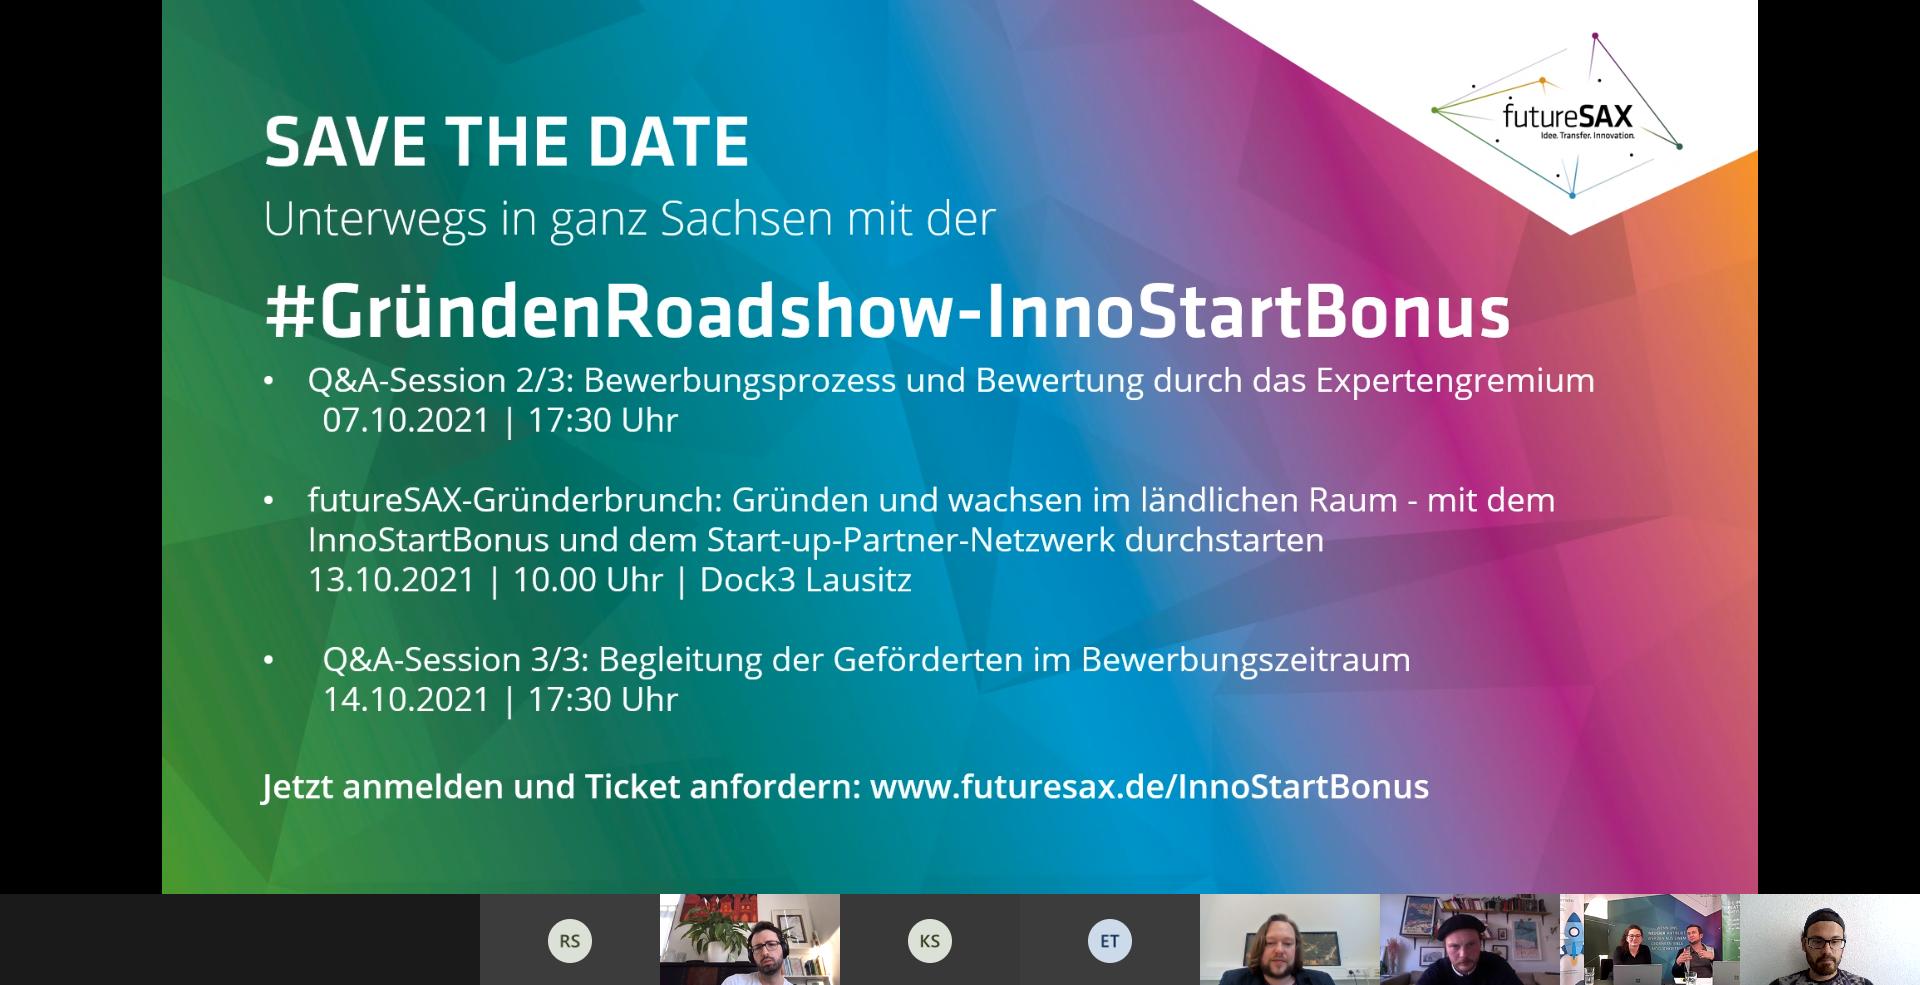 SMILE bei Roadshow-Event des InnoStartBonus von futureSAX